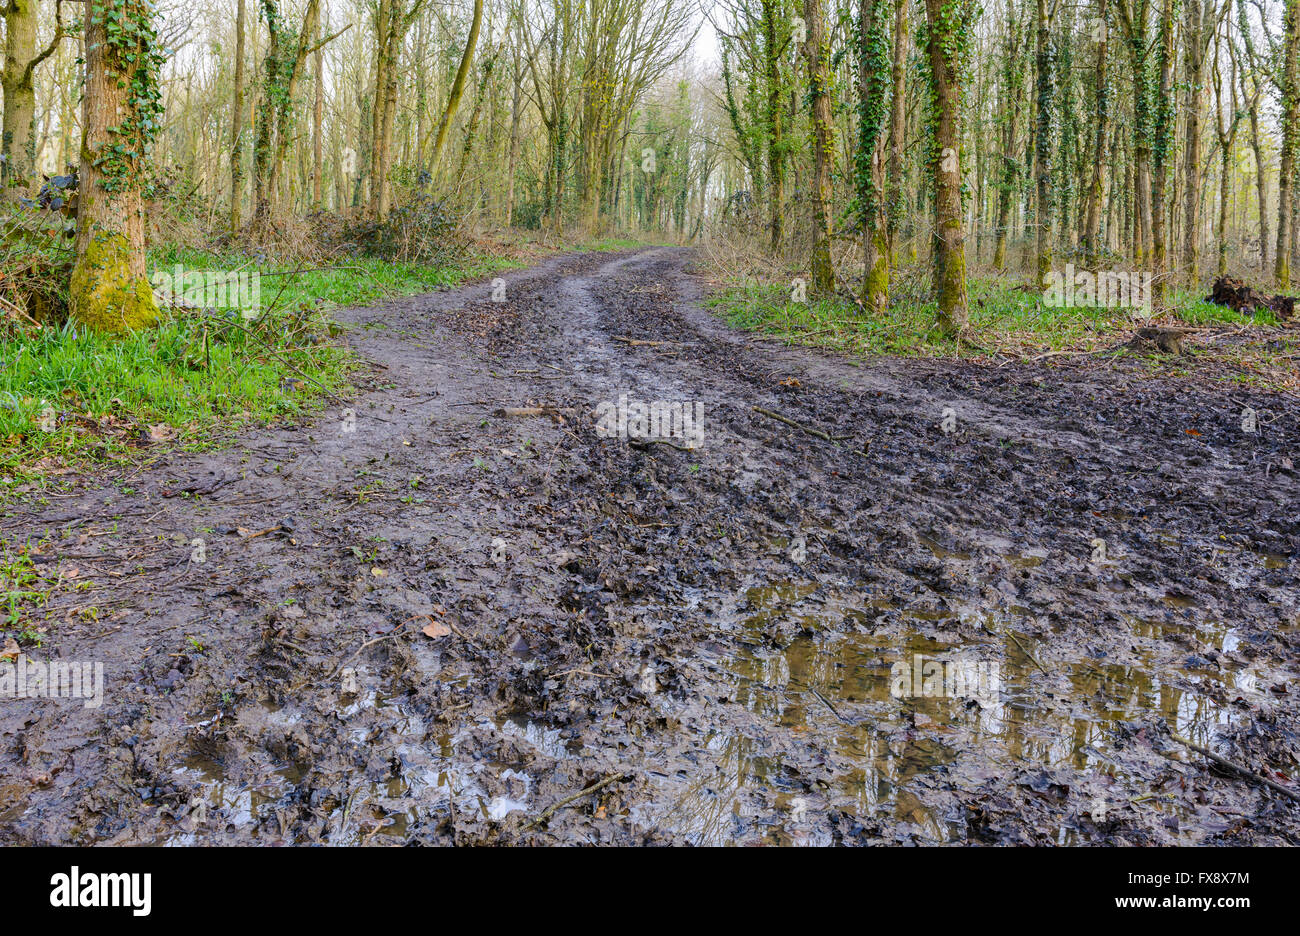 Strada fangosa con alberi in boschi su entrambi i lati dopo la pioggia, nel Regno Unito. Immagini Stock